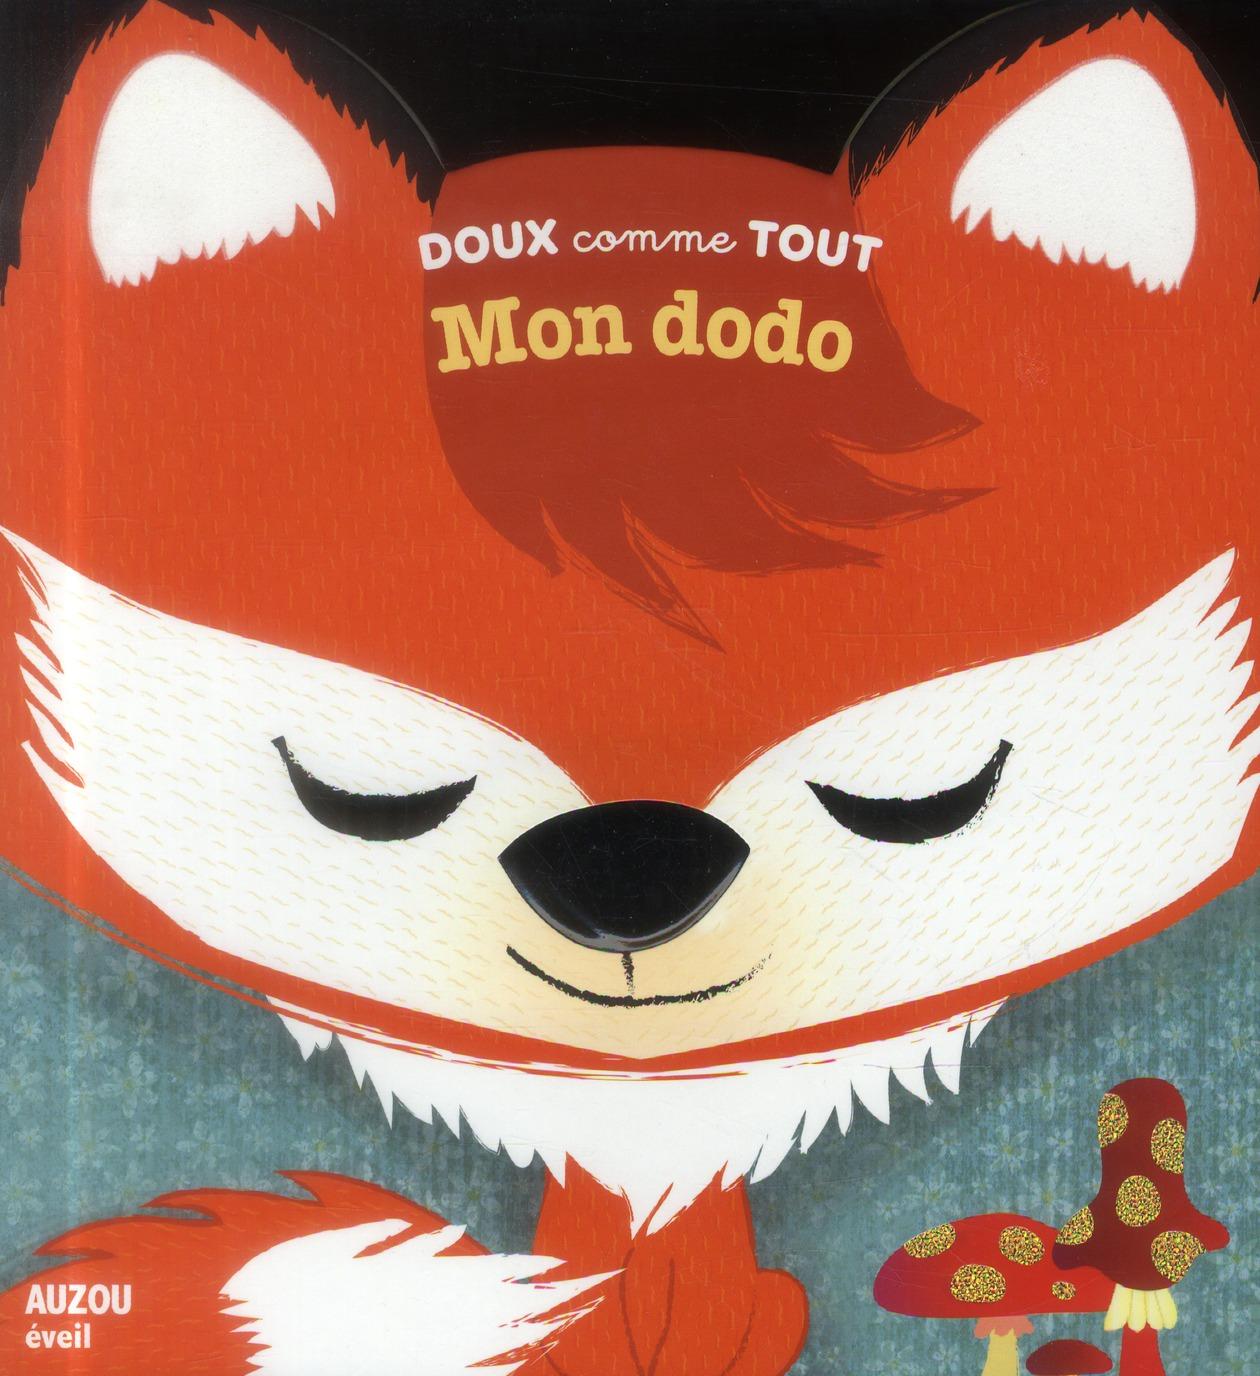 MON DODO (COLL. DOUX COMME TOUT)